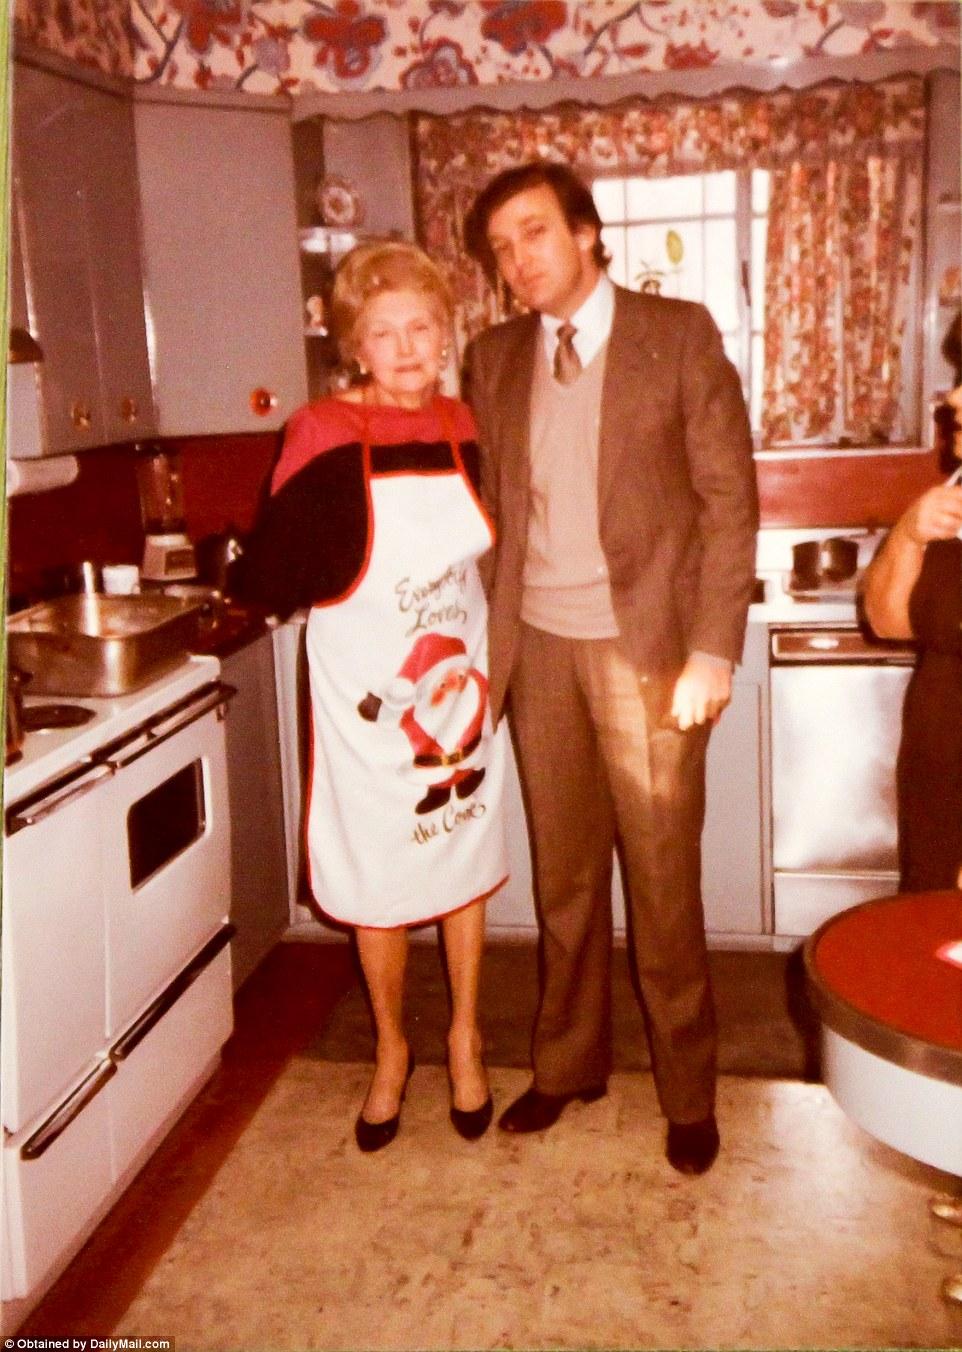 Дональд Трамп с матерью Мэри Трамп в рождественские праздники. Мэри Трамп умерла в 2000 году.